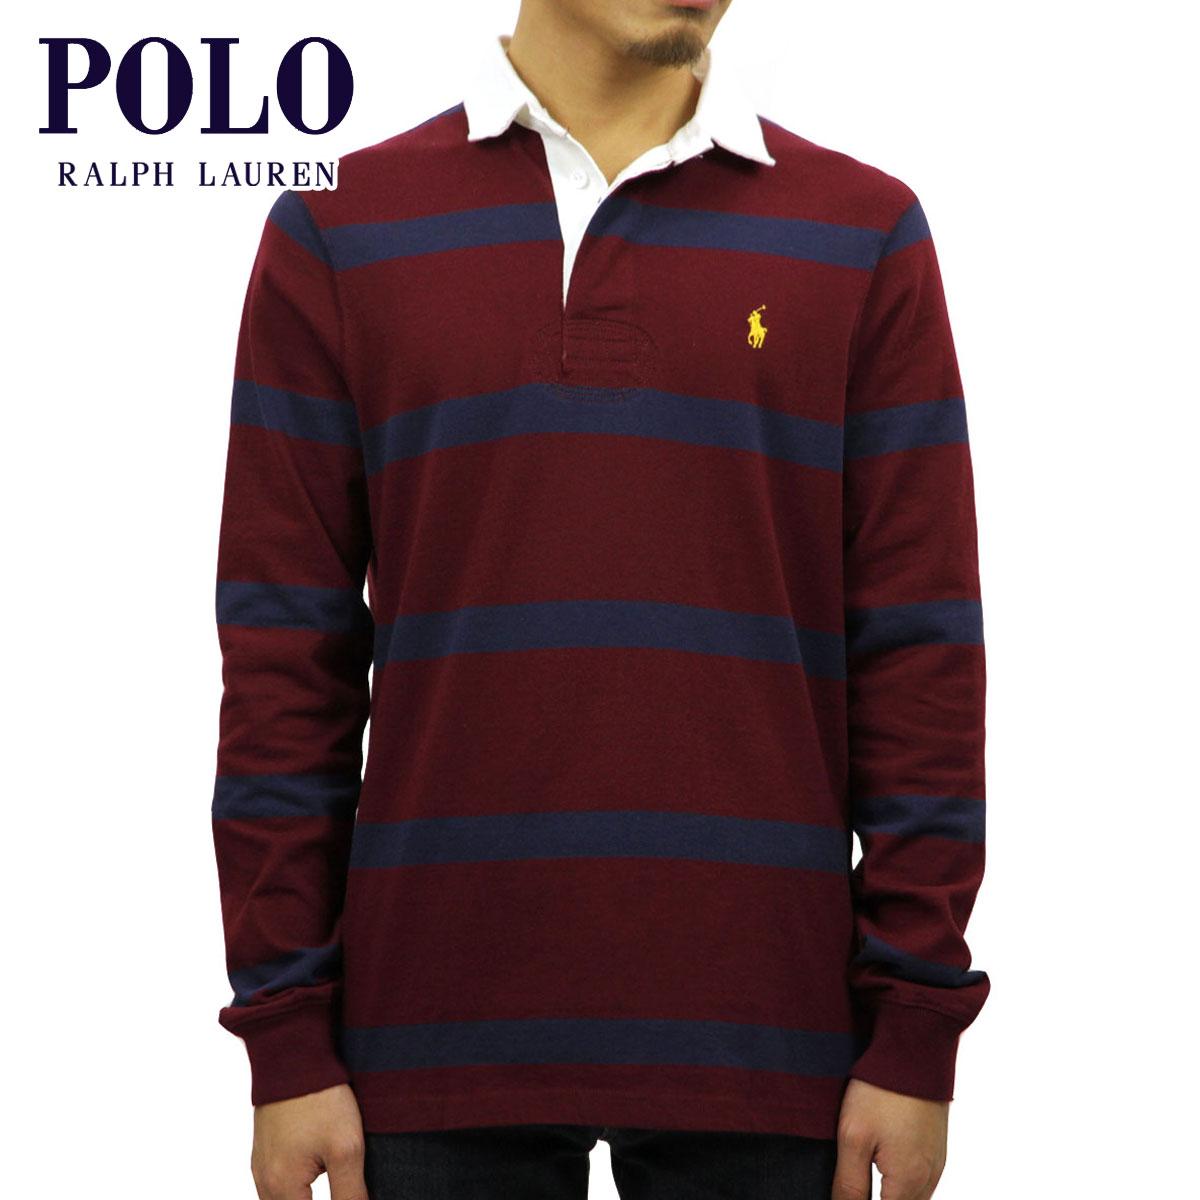 73f3902a Polo Ralph Lauren POLO RALPH LAUREN regular article men long sleeves rugby  shirt STRIPE RUGBY SHIRT ...